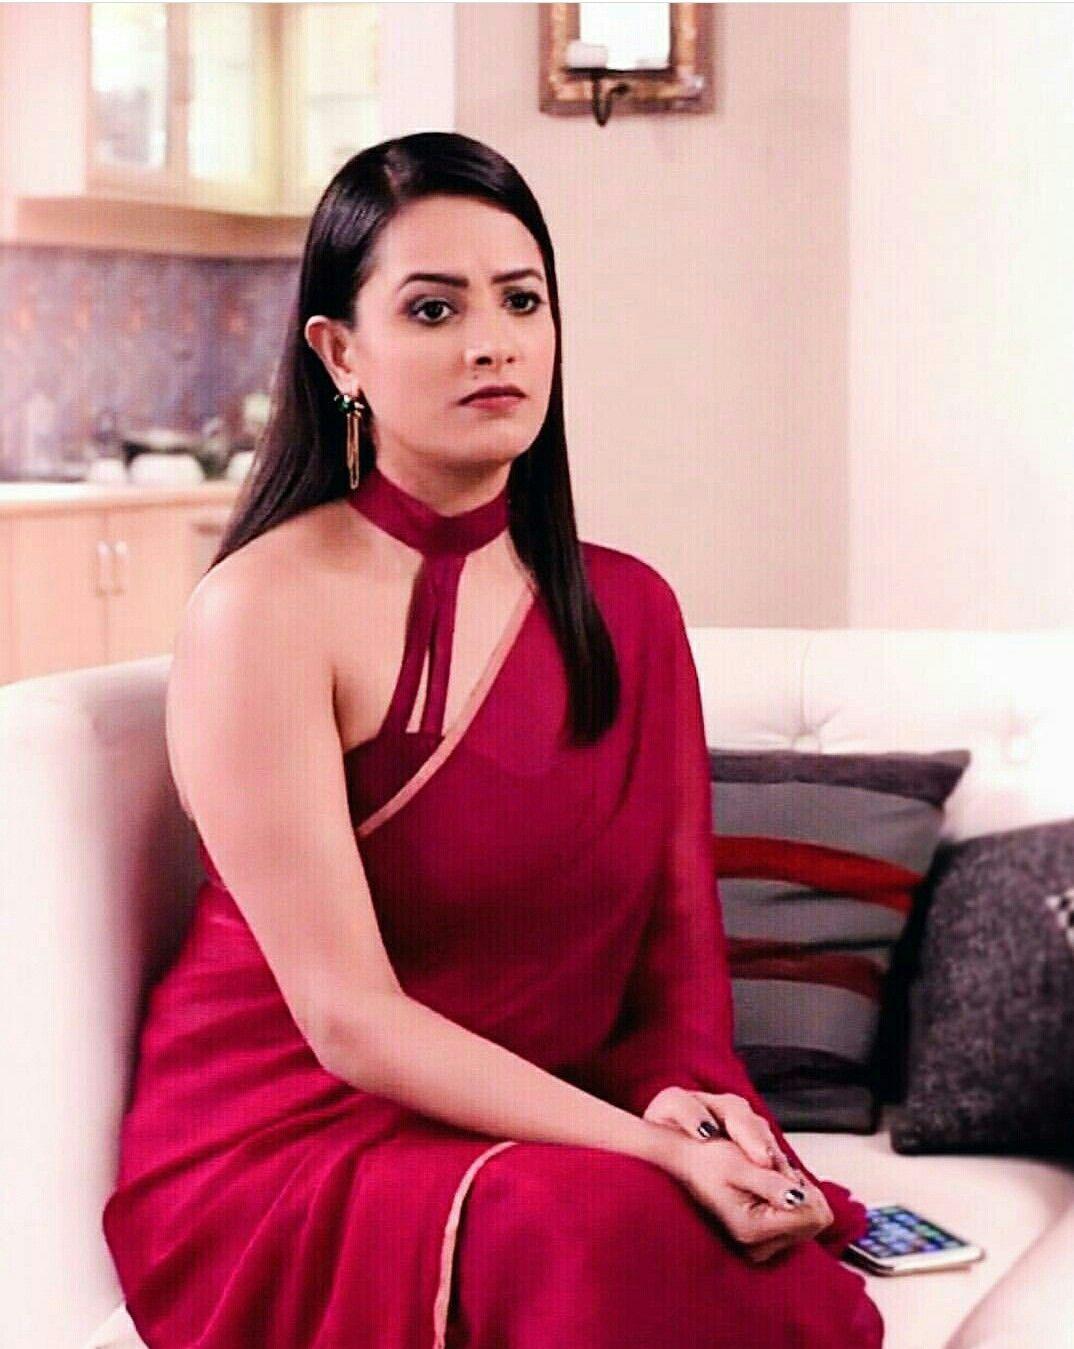 Women fashion saree anita saree red redsaree sarees women womenfashion fashion